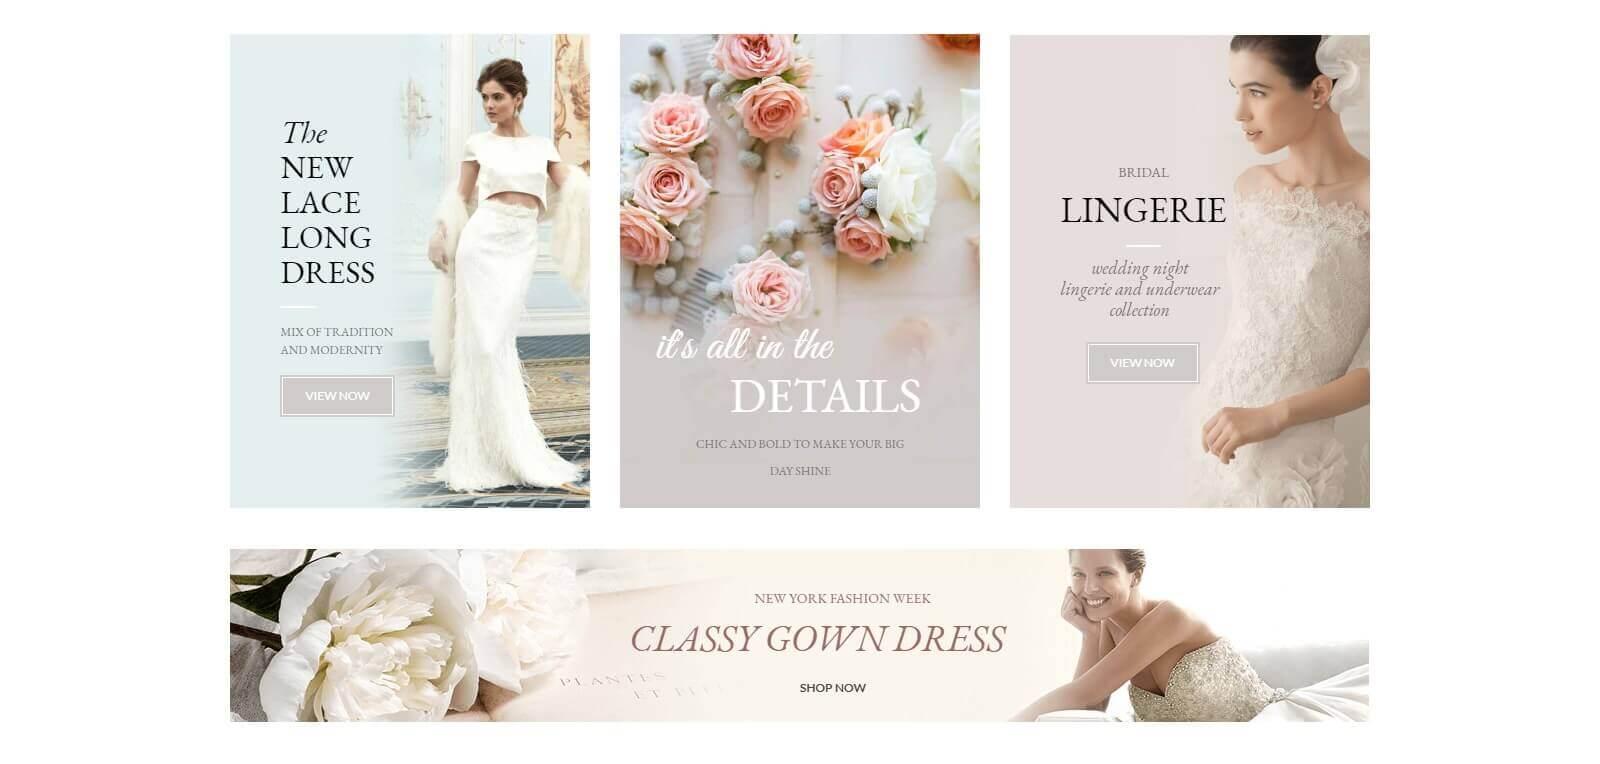 Vì sao cần thiết kế website cho thuê áo cưới